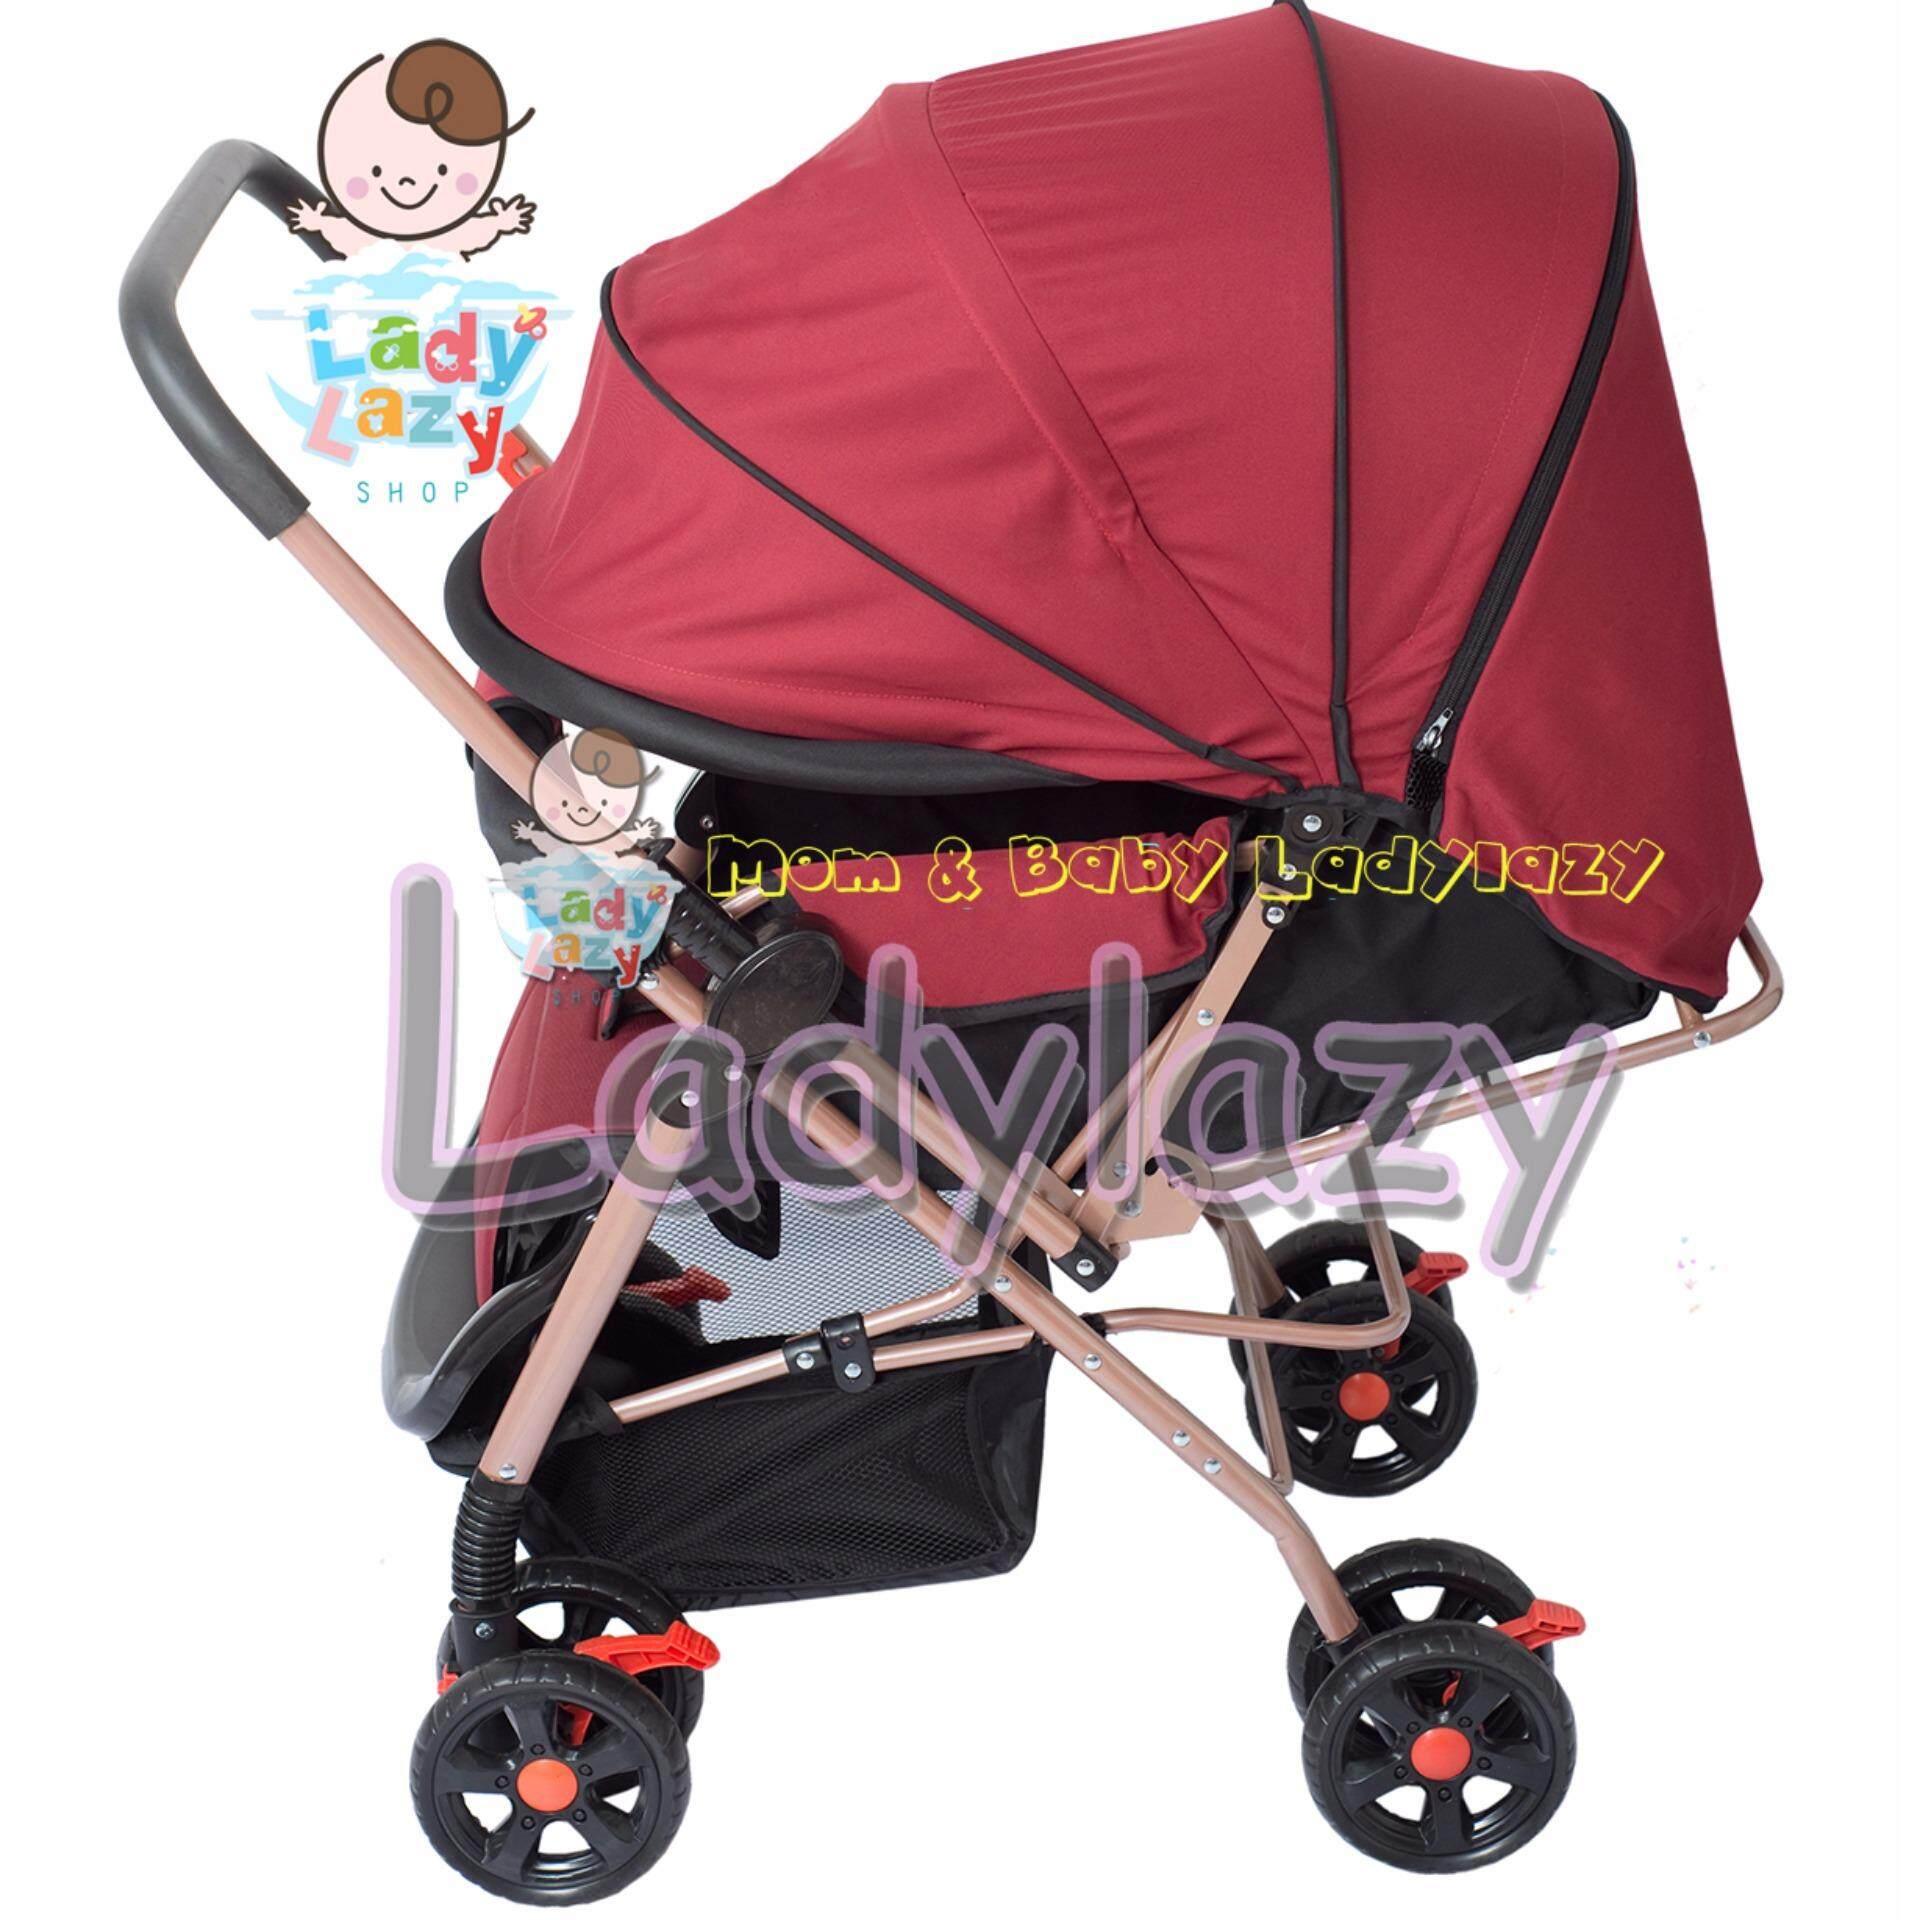 ที่ไหนขายถูก ๆ ladylazyรถเข็นเด็กคันใหญ่ No.lady01 เข็นหน้า-หลังได้ ปรับได้ 3 ระดับ แถมฟรีมุ้งกันยุง สีแดง ยี่ห้อไหนดี pantip